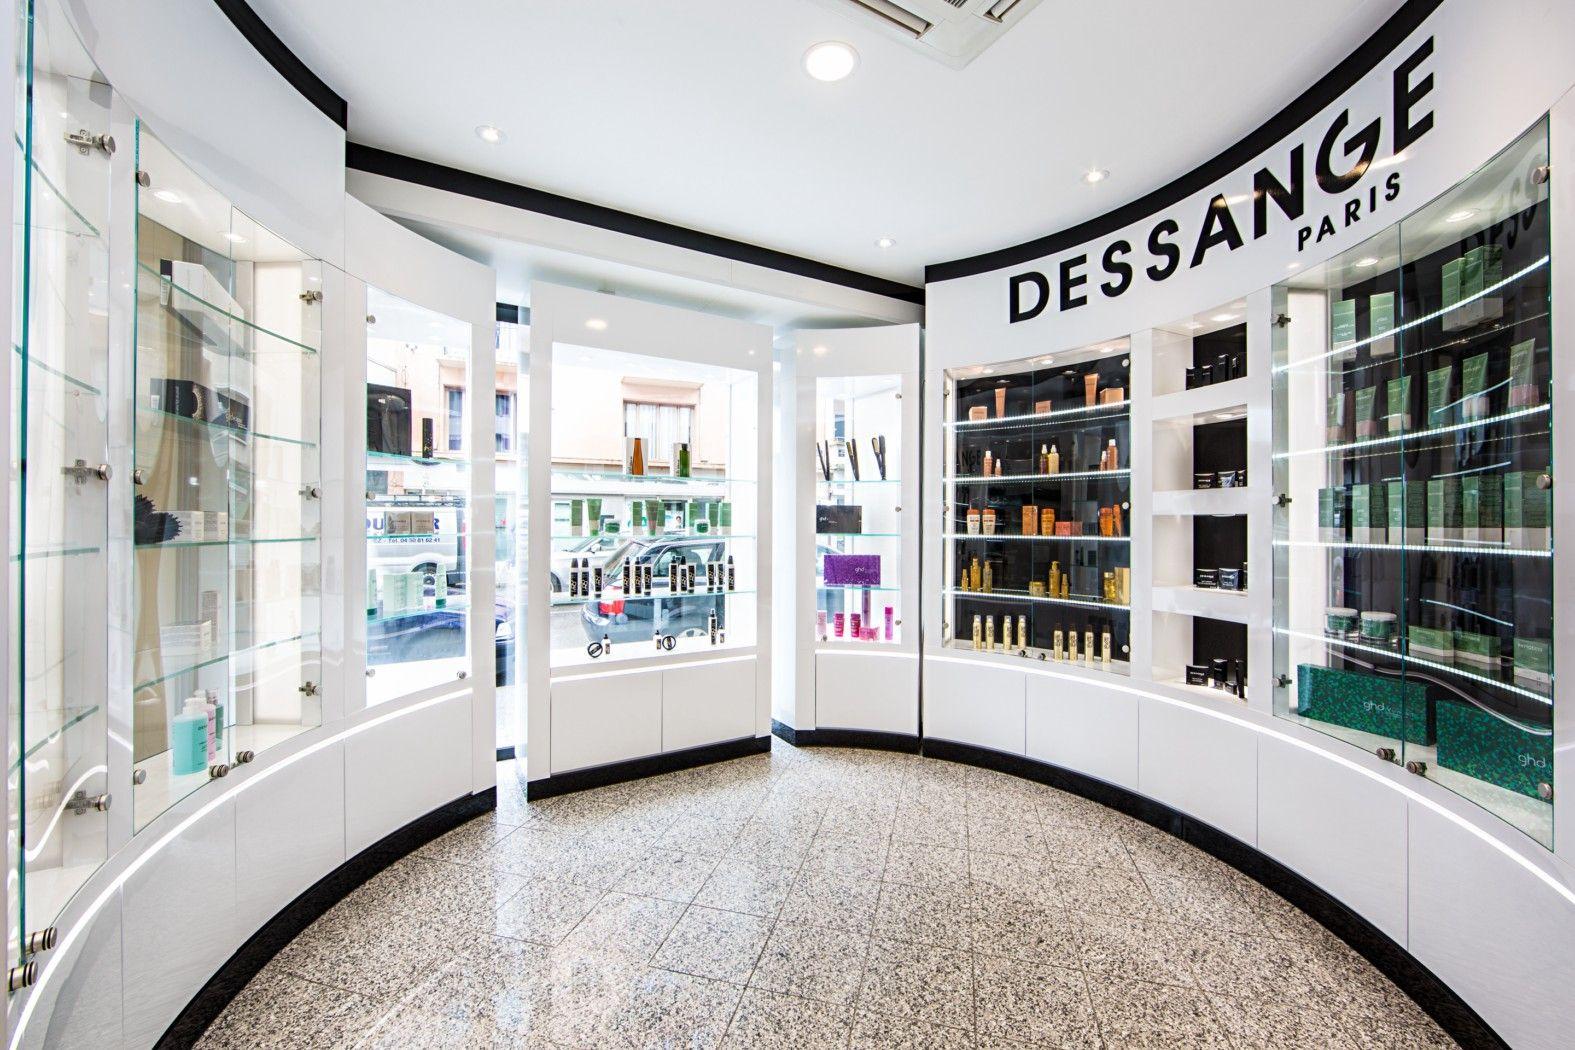 42+ Dessange salon de coiffure idees en 2021